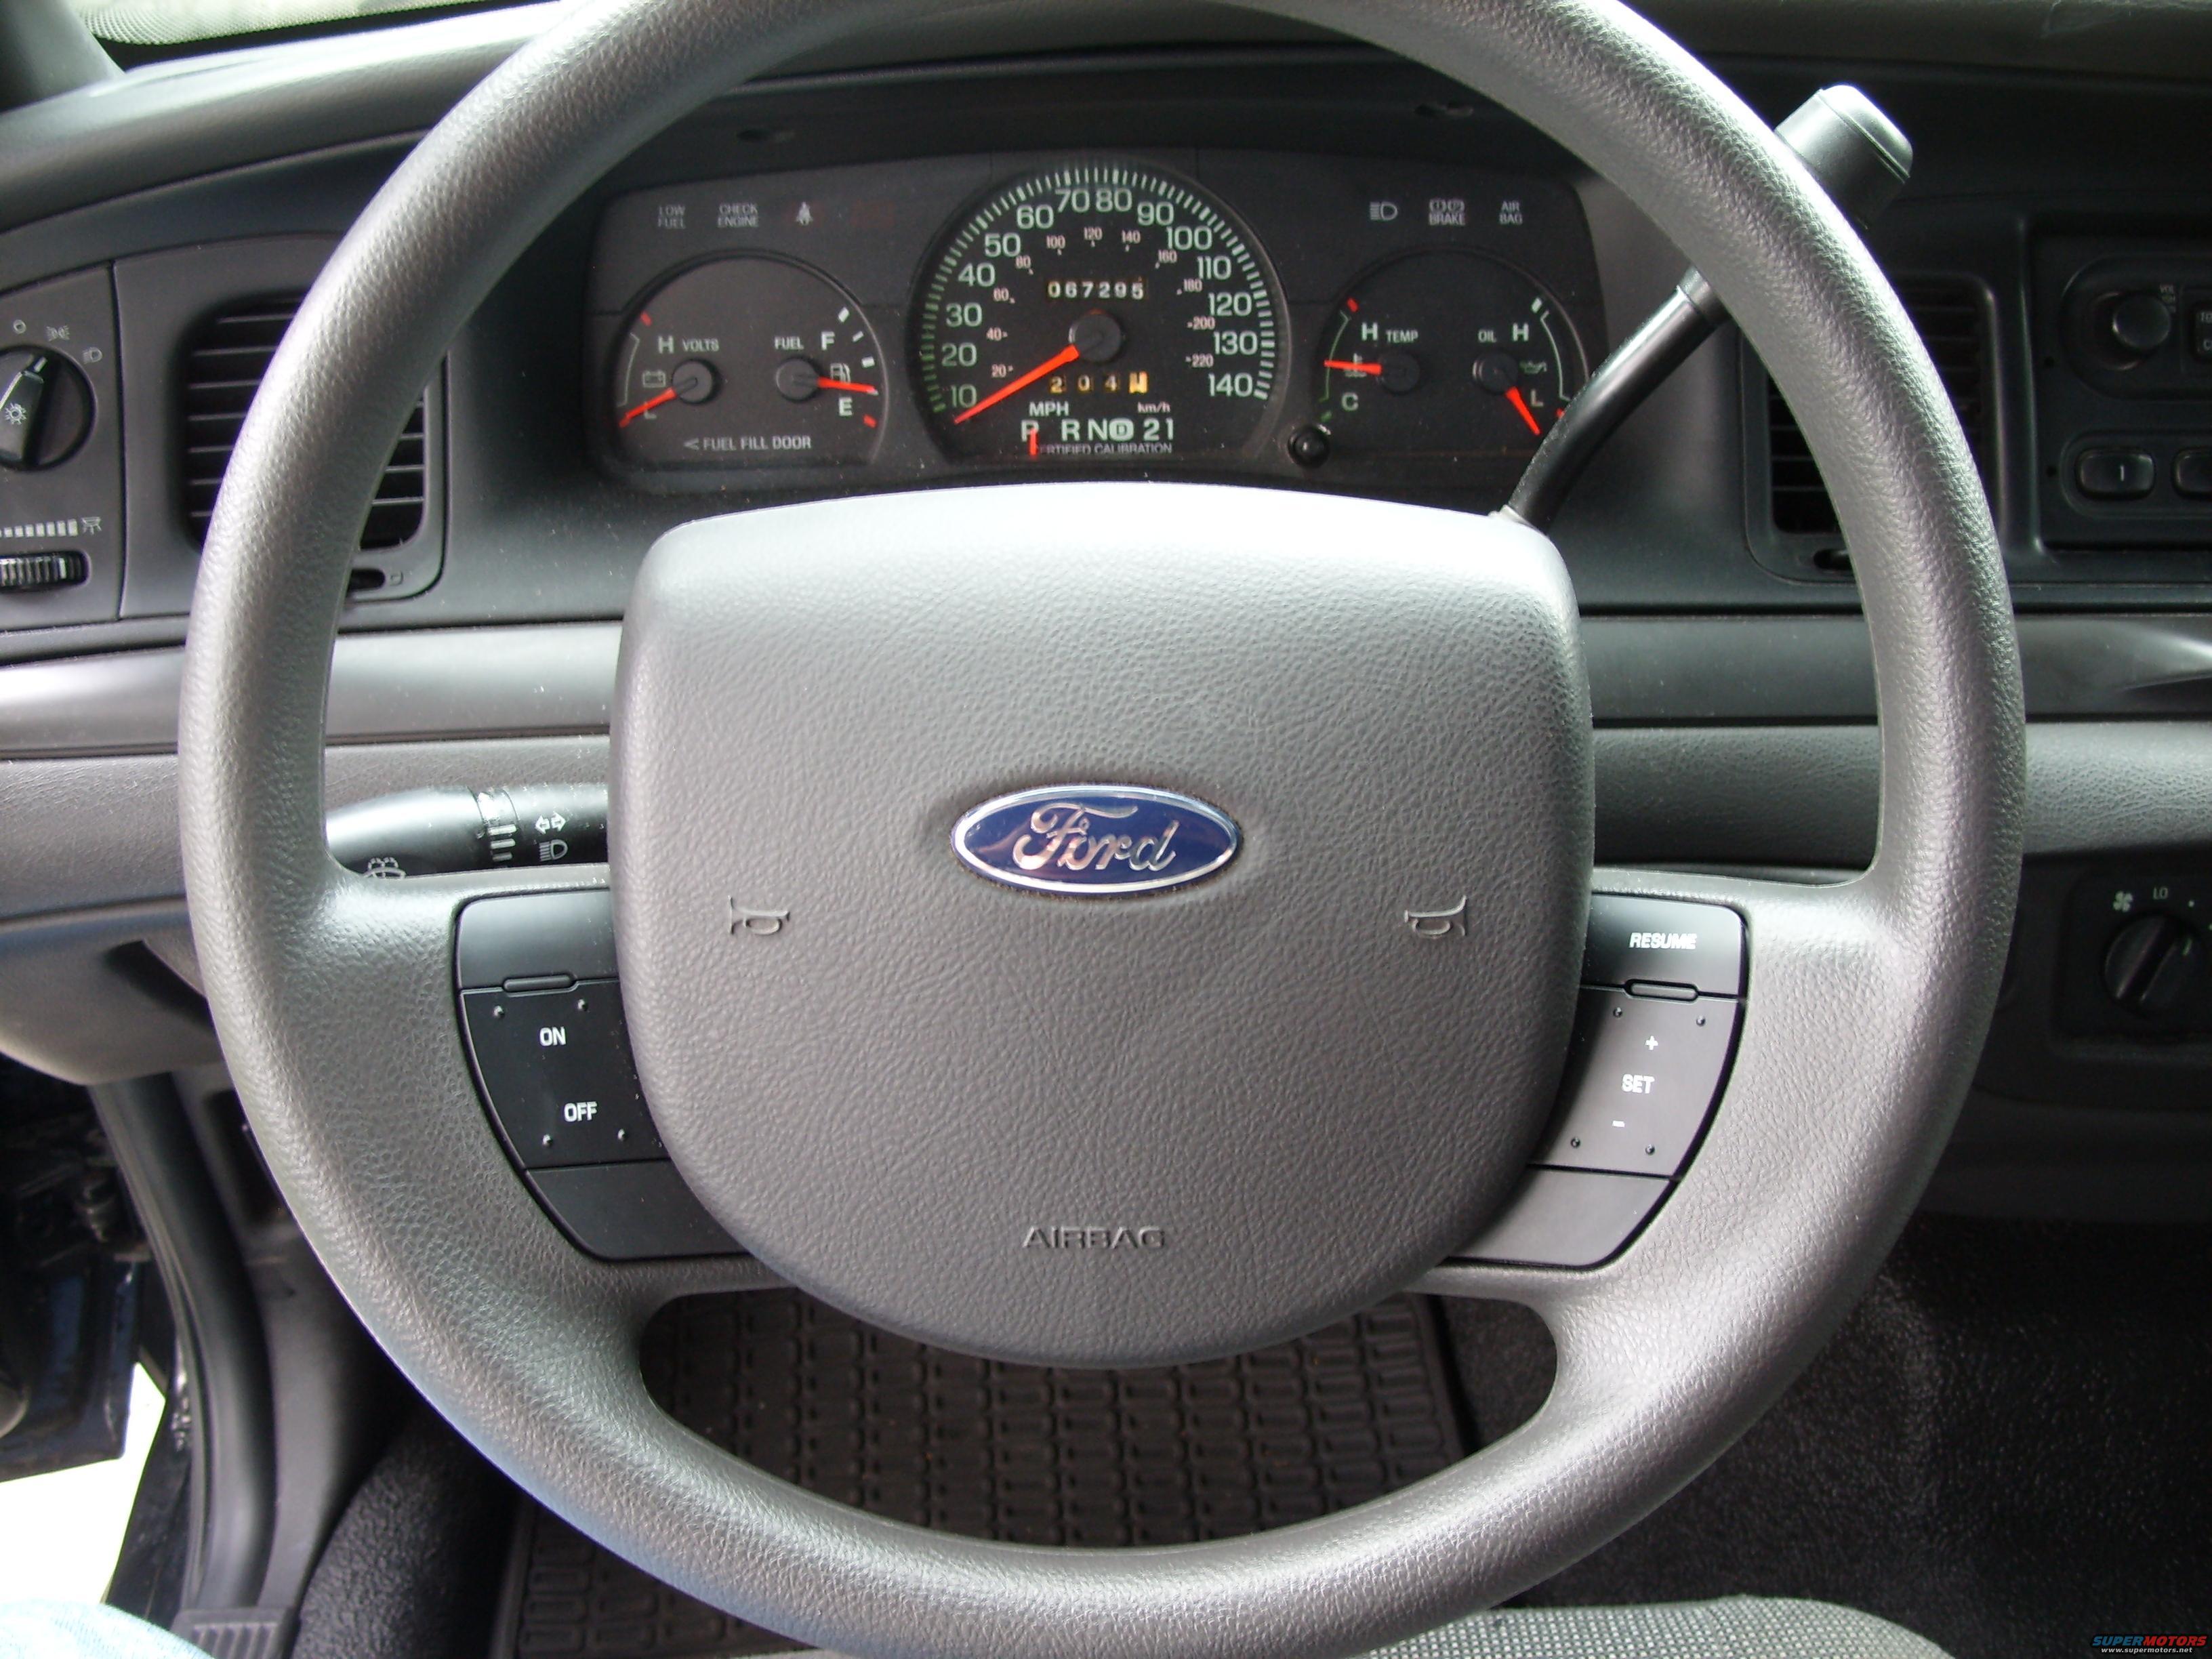 2005 Ford Crown Victoria Interior Picture